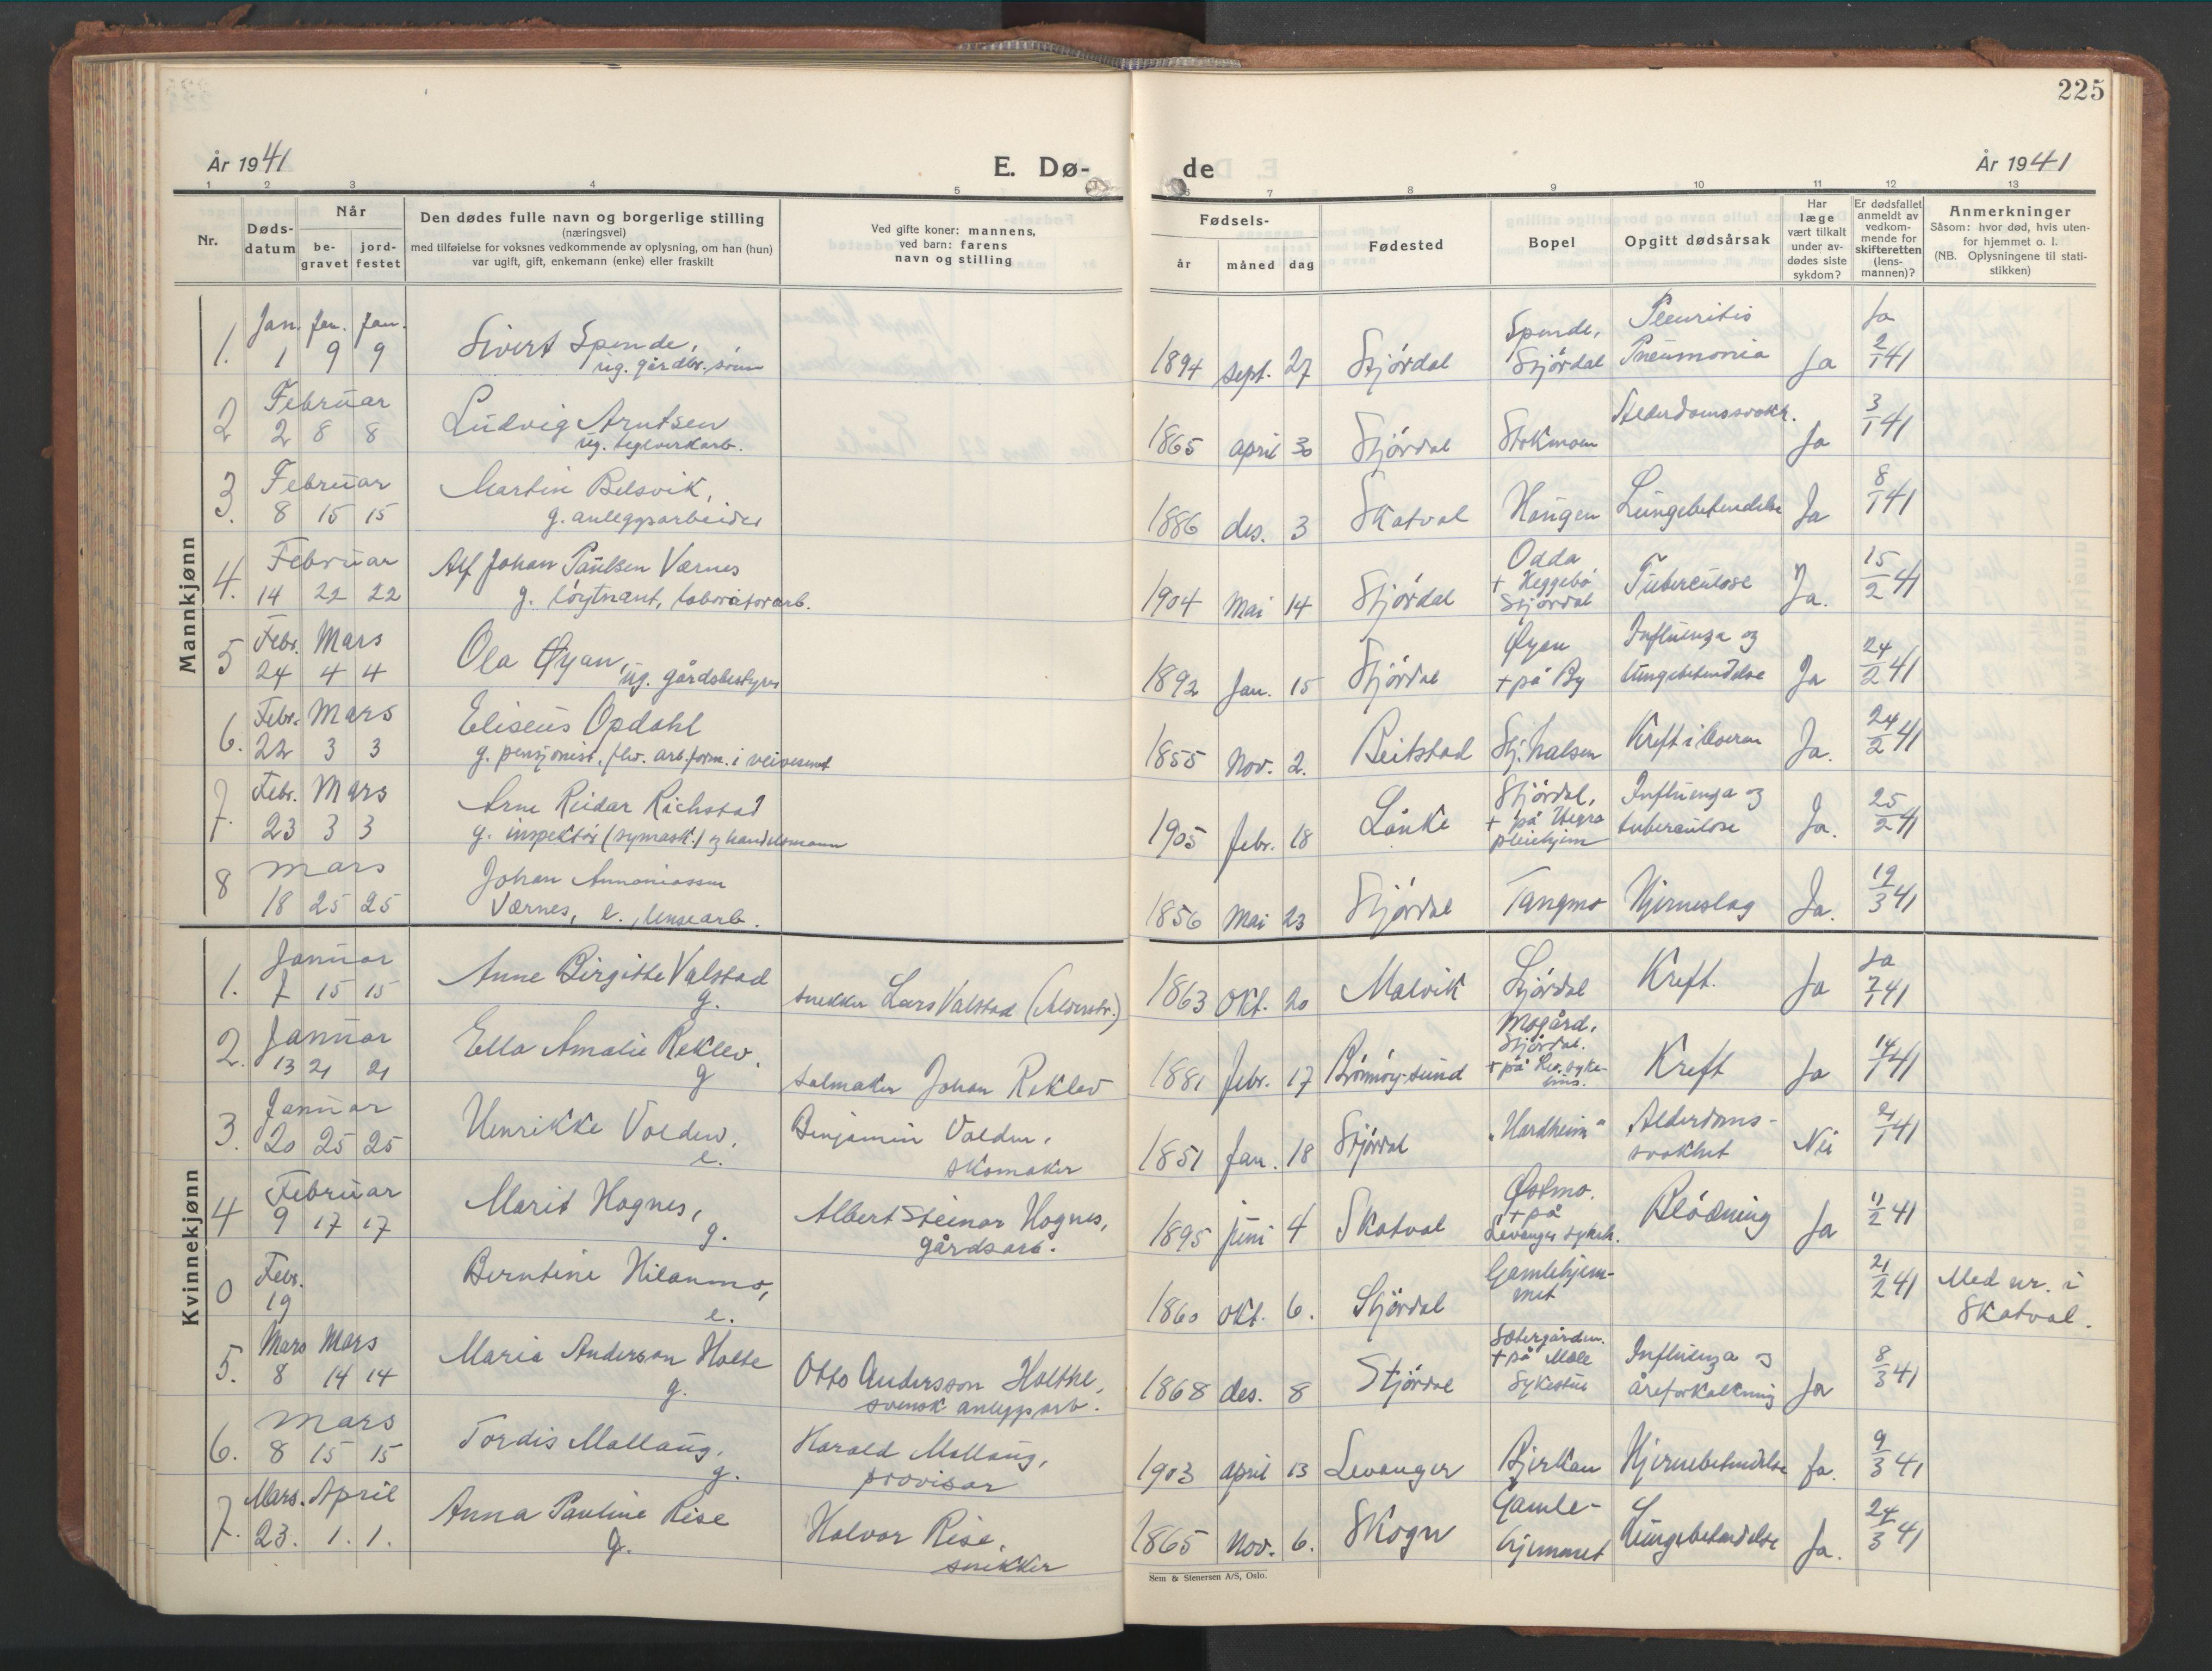 SAT, Ministerialprotokoller, klokkerbøker og fødselsregistre - Nord-Trøndelag, 709/L0089: Klokkerbok nr. 709C03, 1935-1948, s. 225